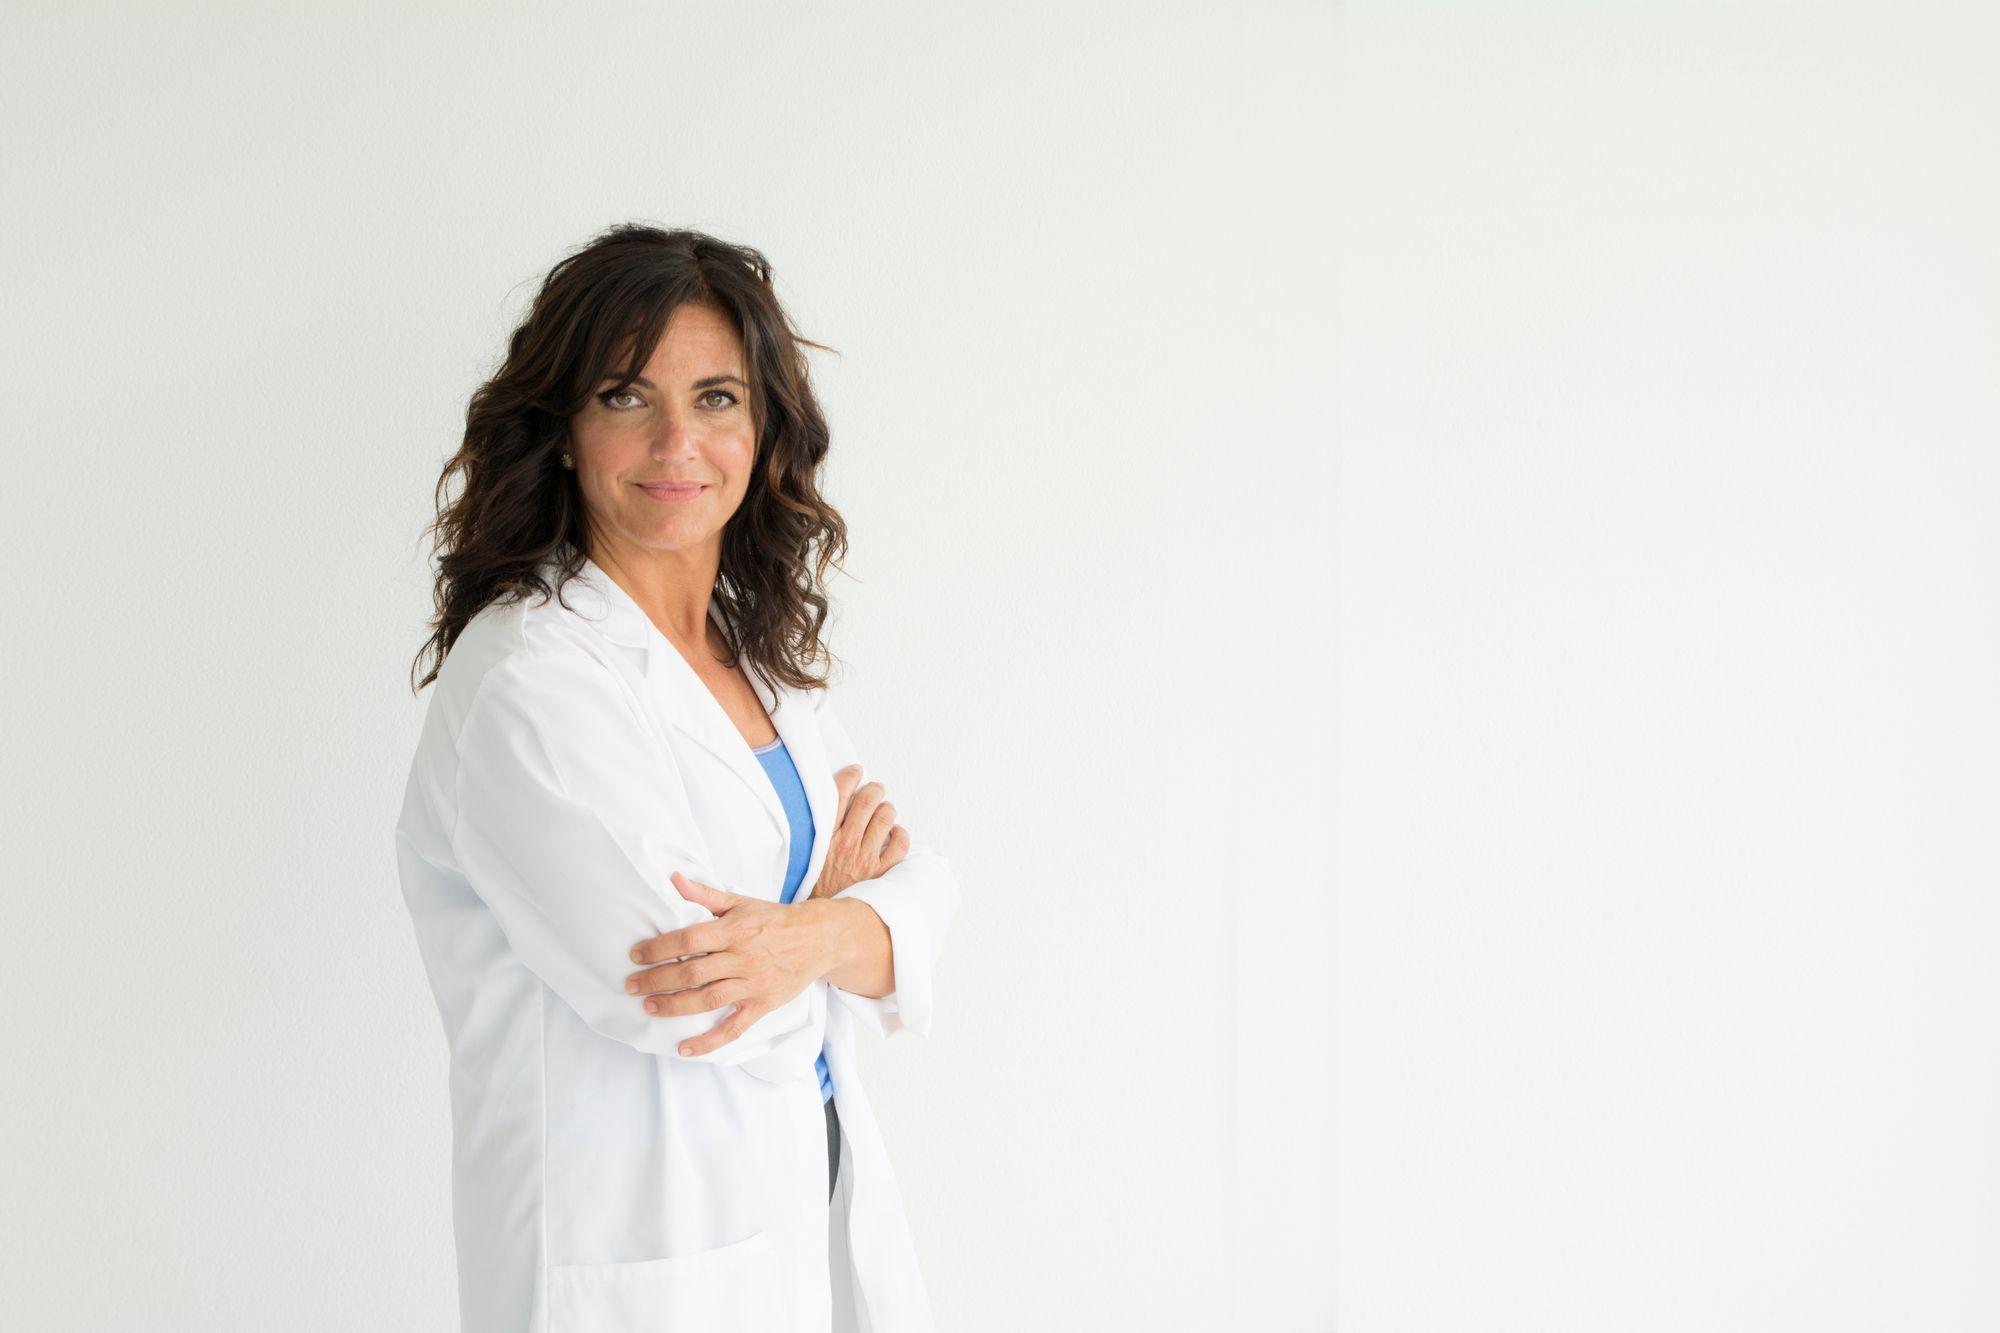 Dra. Pilar Lacosta